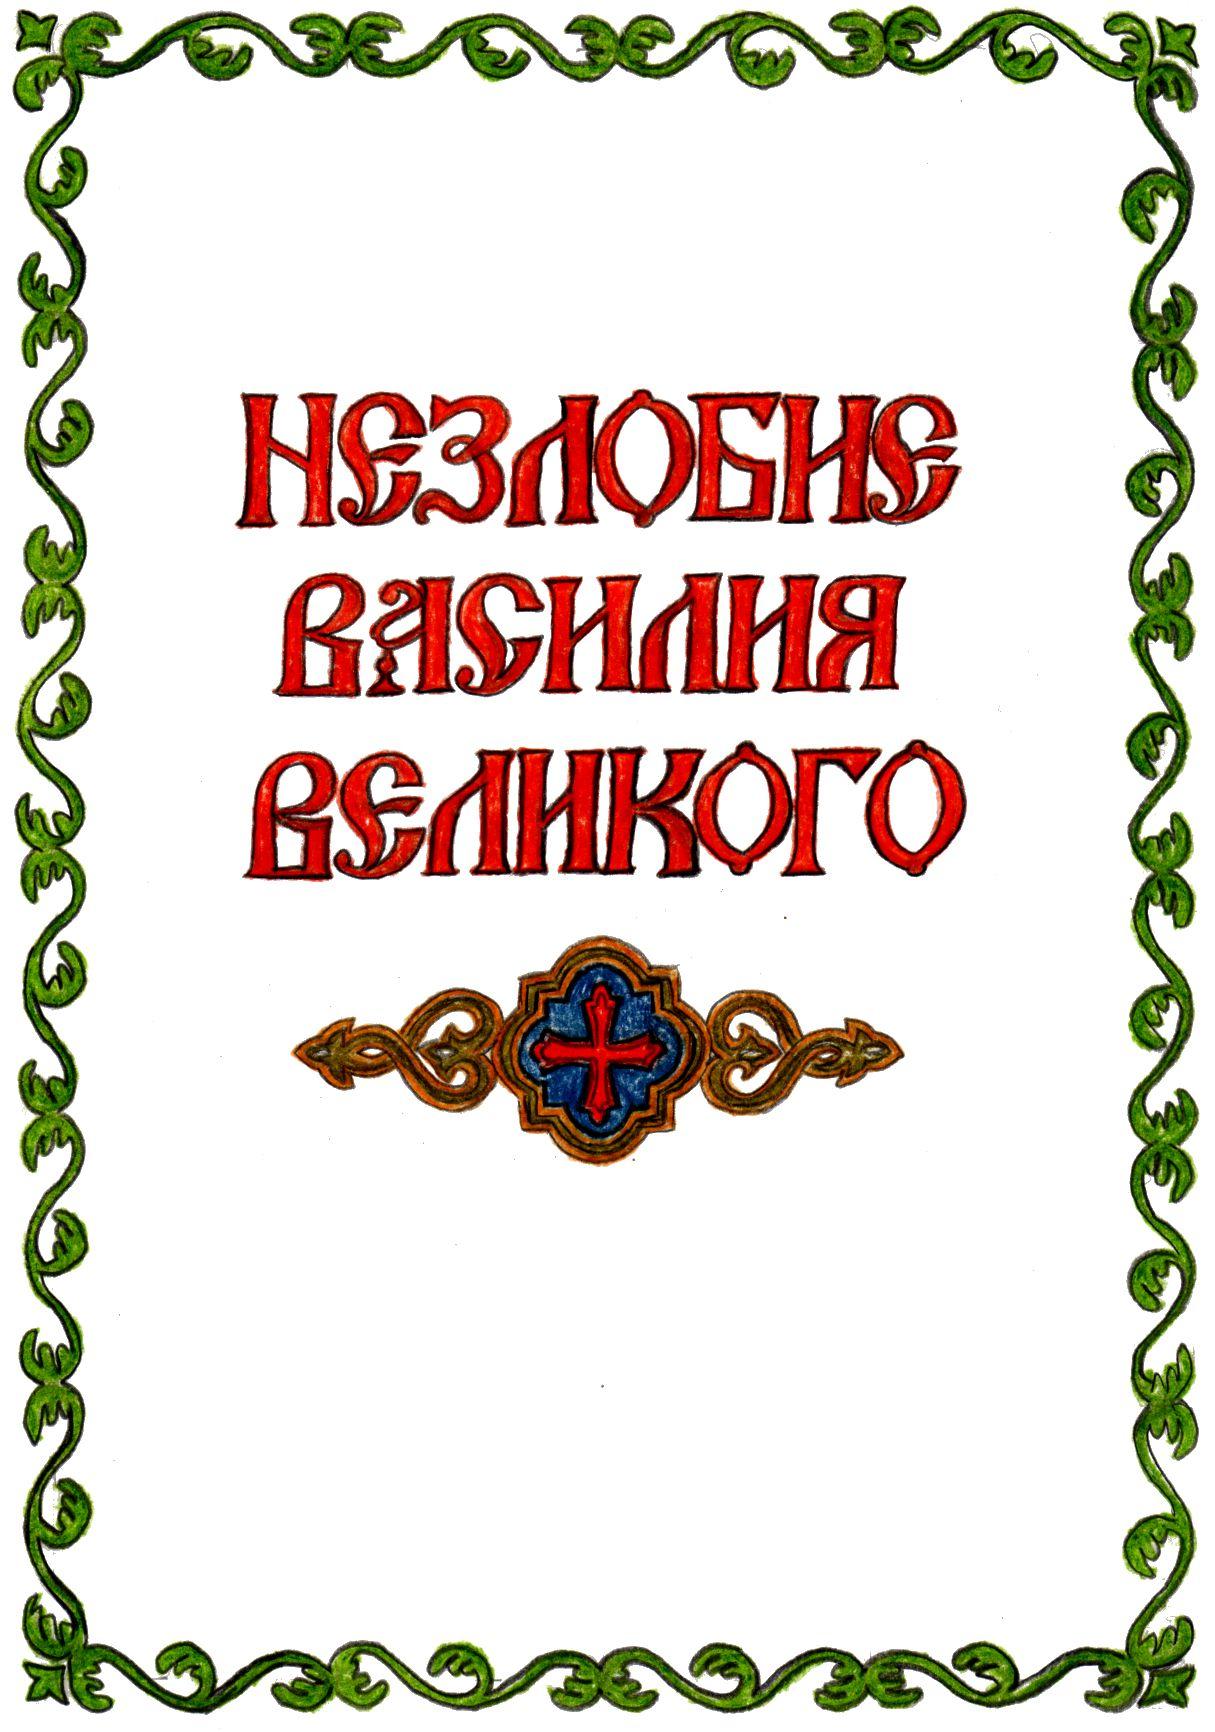 Незлобие Василия Великого